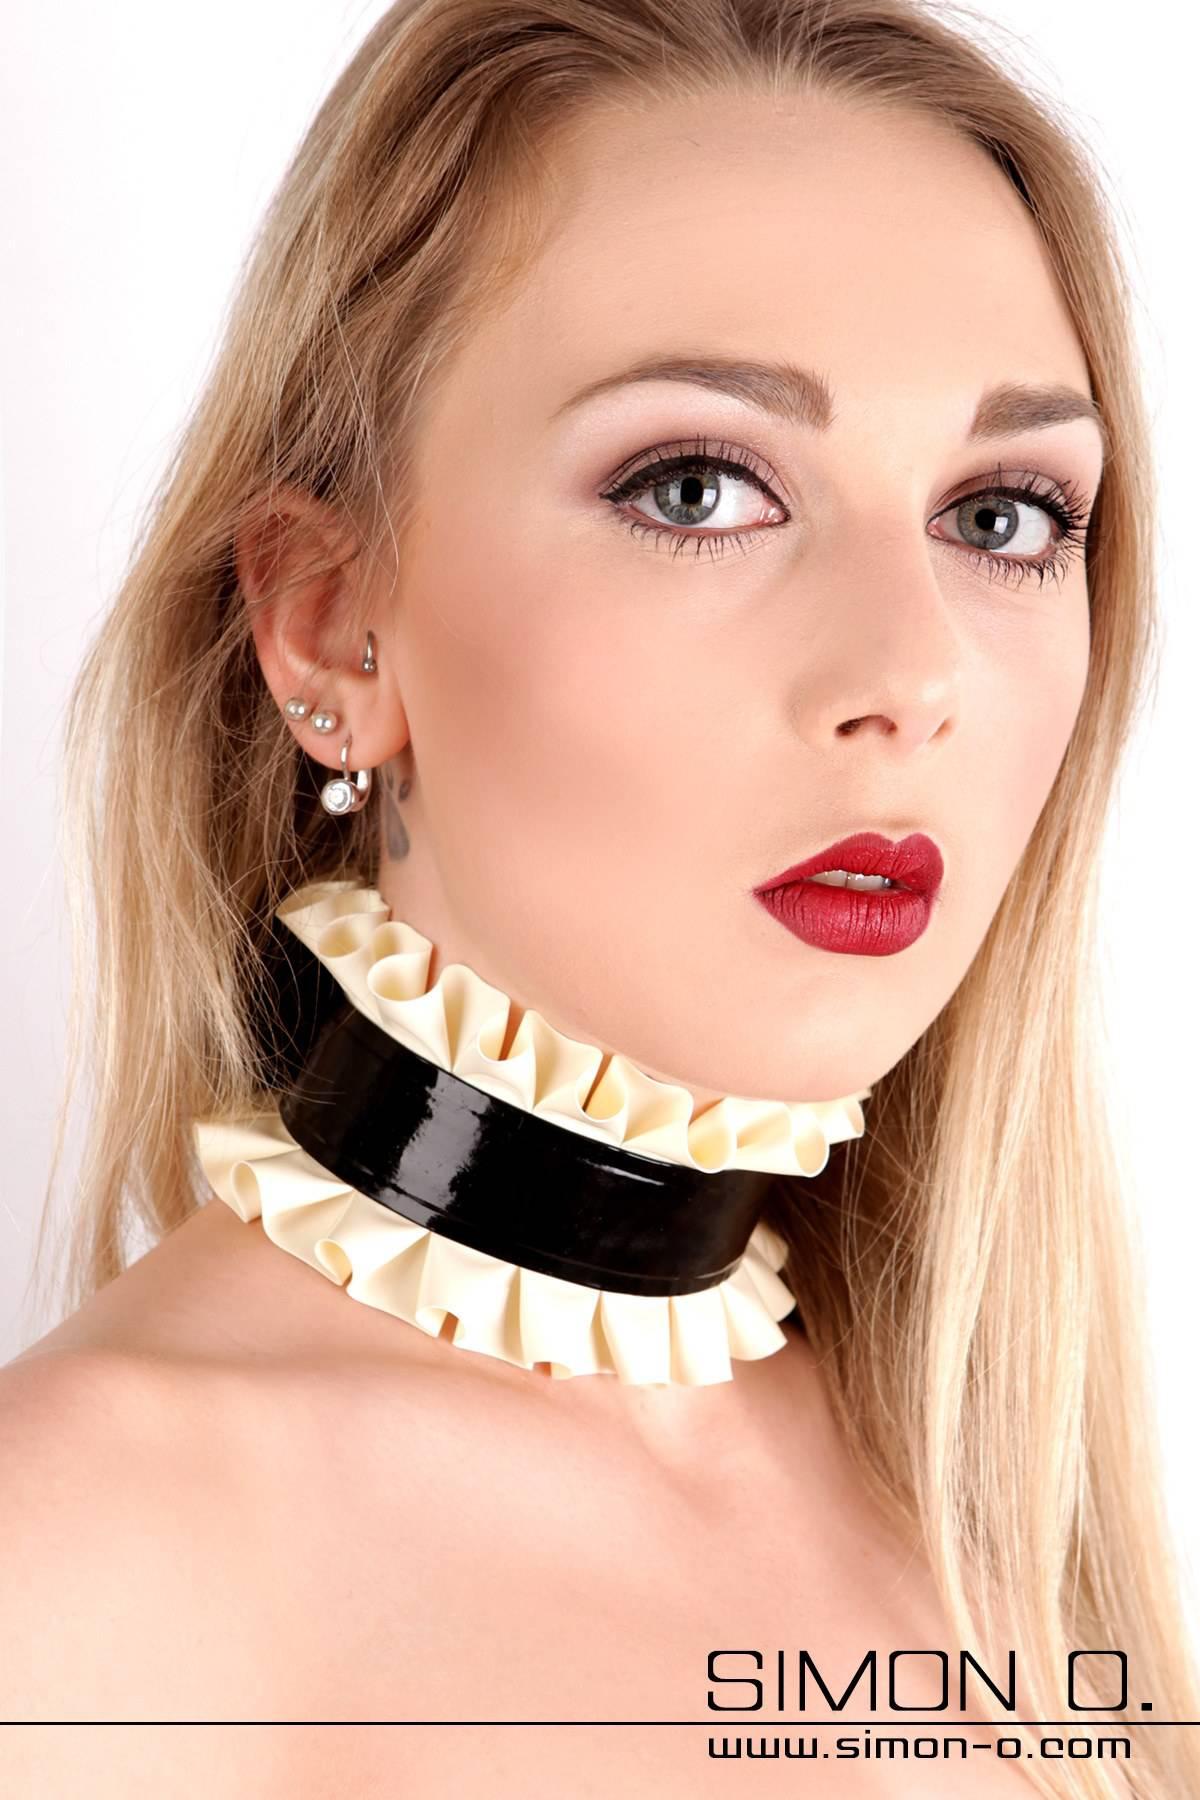 Latex Halsband 2 mm stark mit Textileinlage verstärkt. Abgebildetes Modell: Farbe 1: Schwarz Kontrastfarbe: Weiß